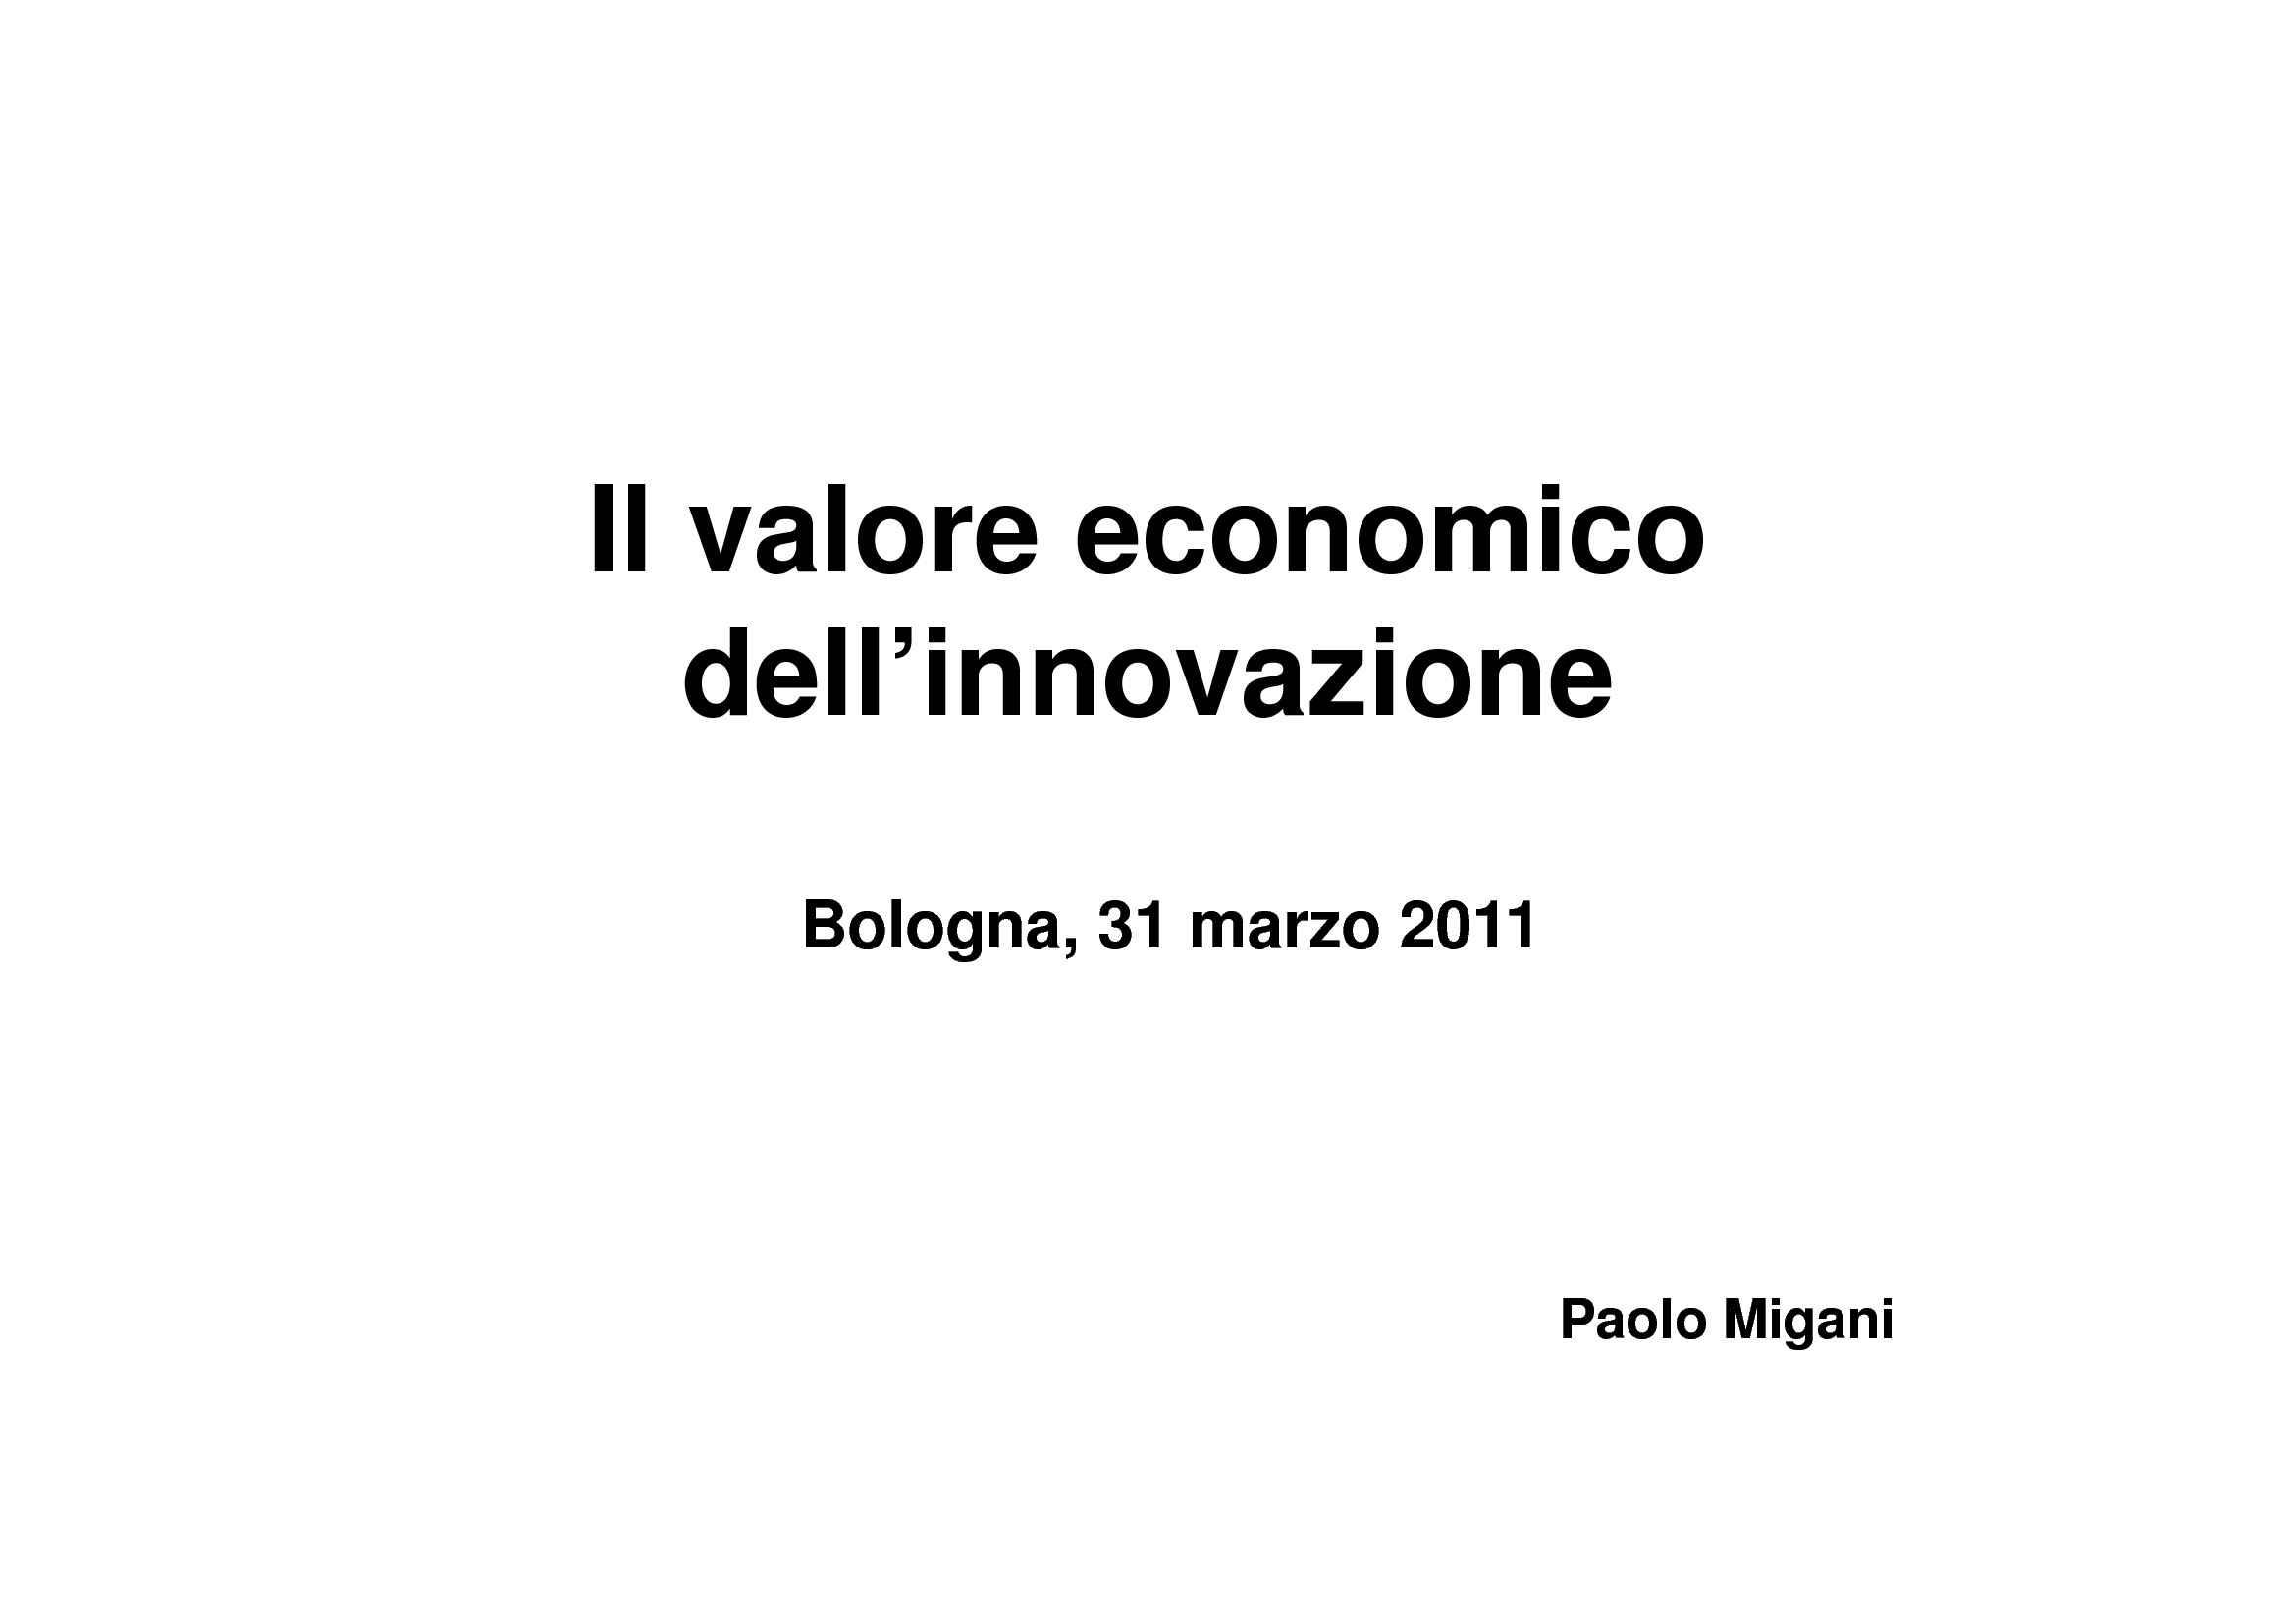 Marchio e brevetti come valore economico